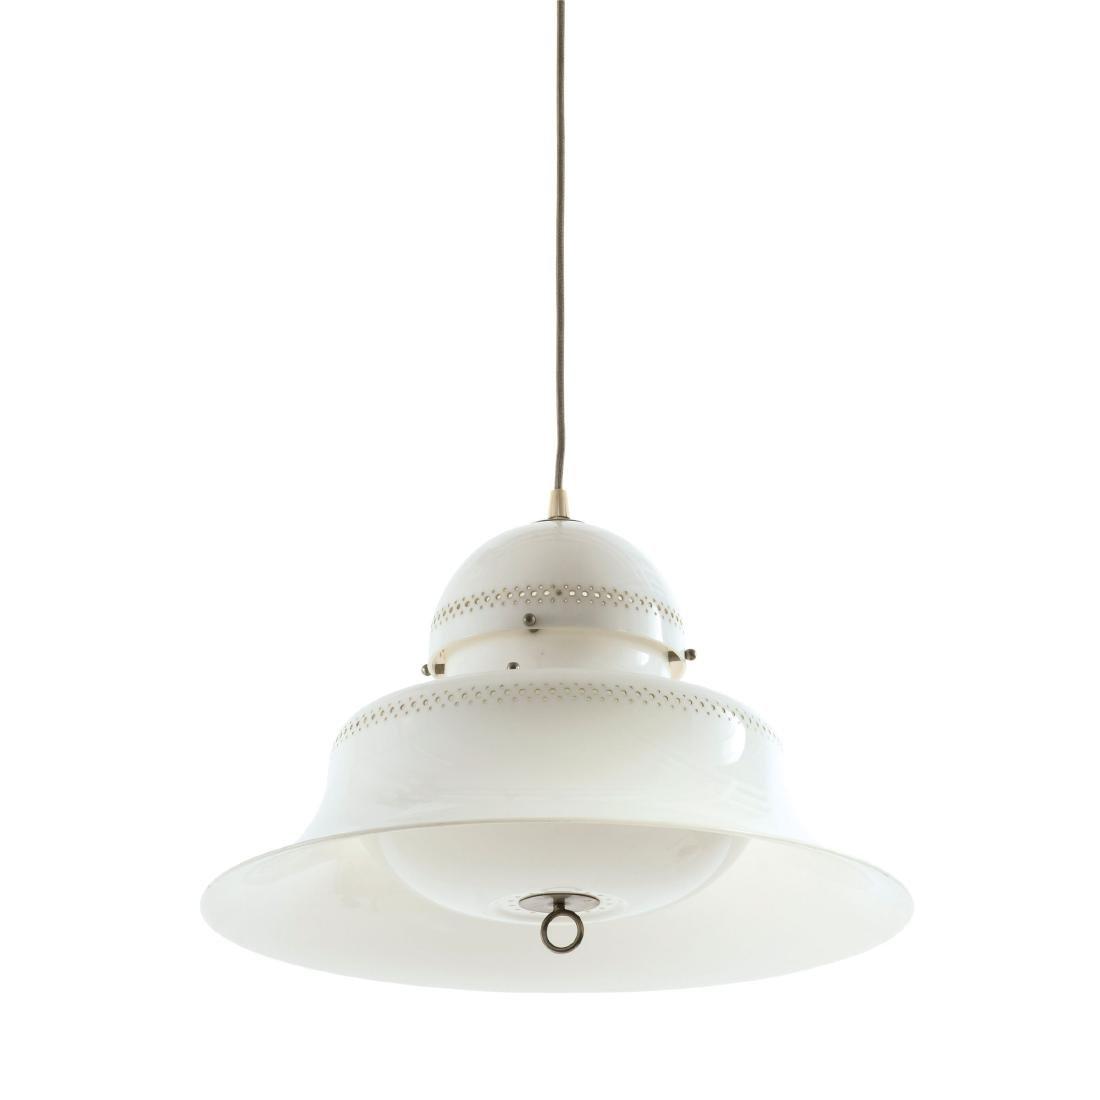 'KD 14' ceiling light, 1963